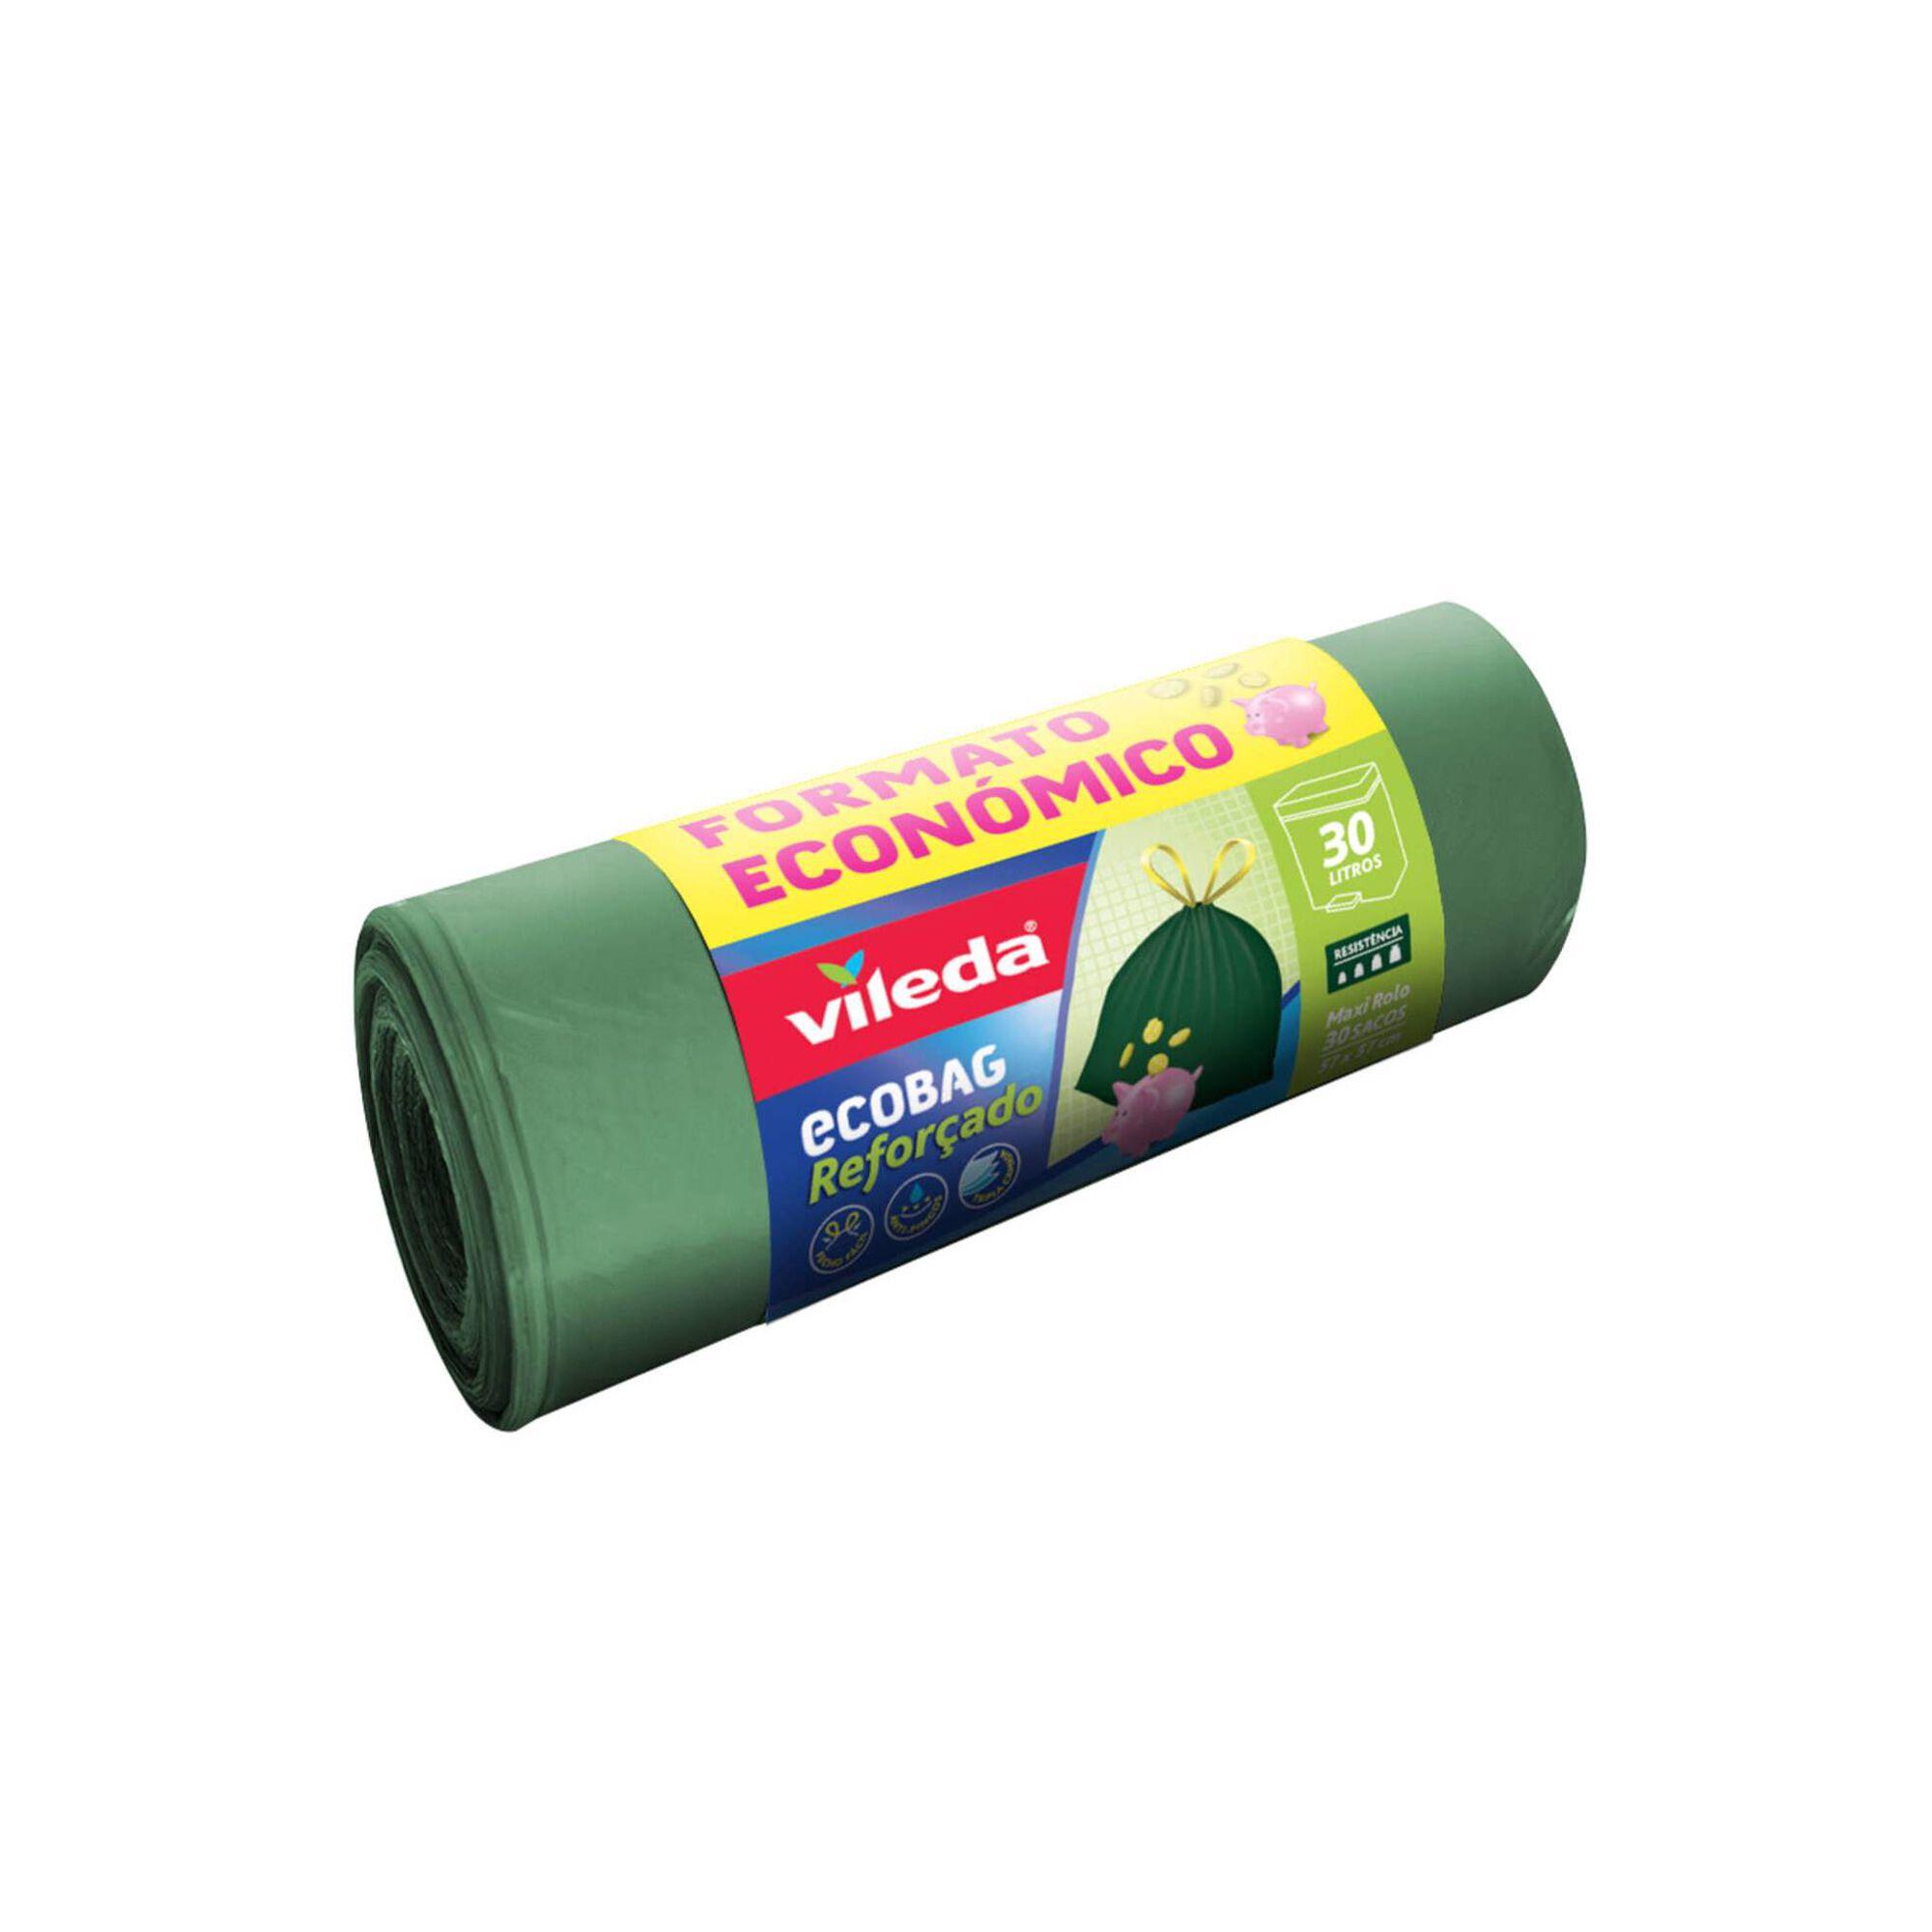 Sacos Lixo Ecobag Reforçado Fecho Fácil 30 lt, , hi-res